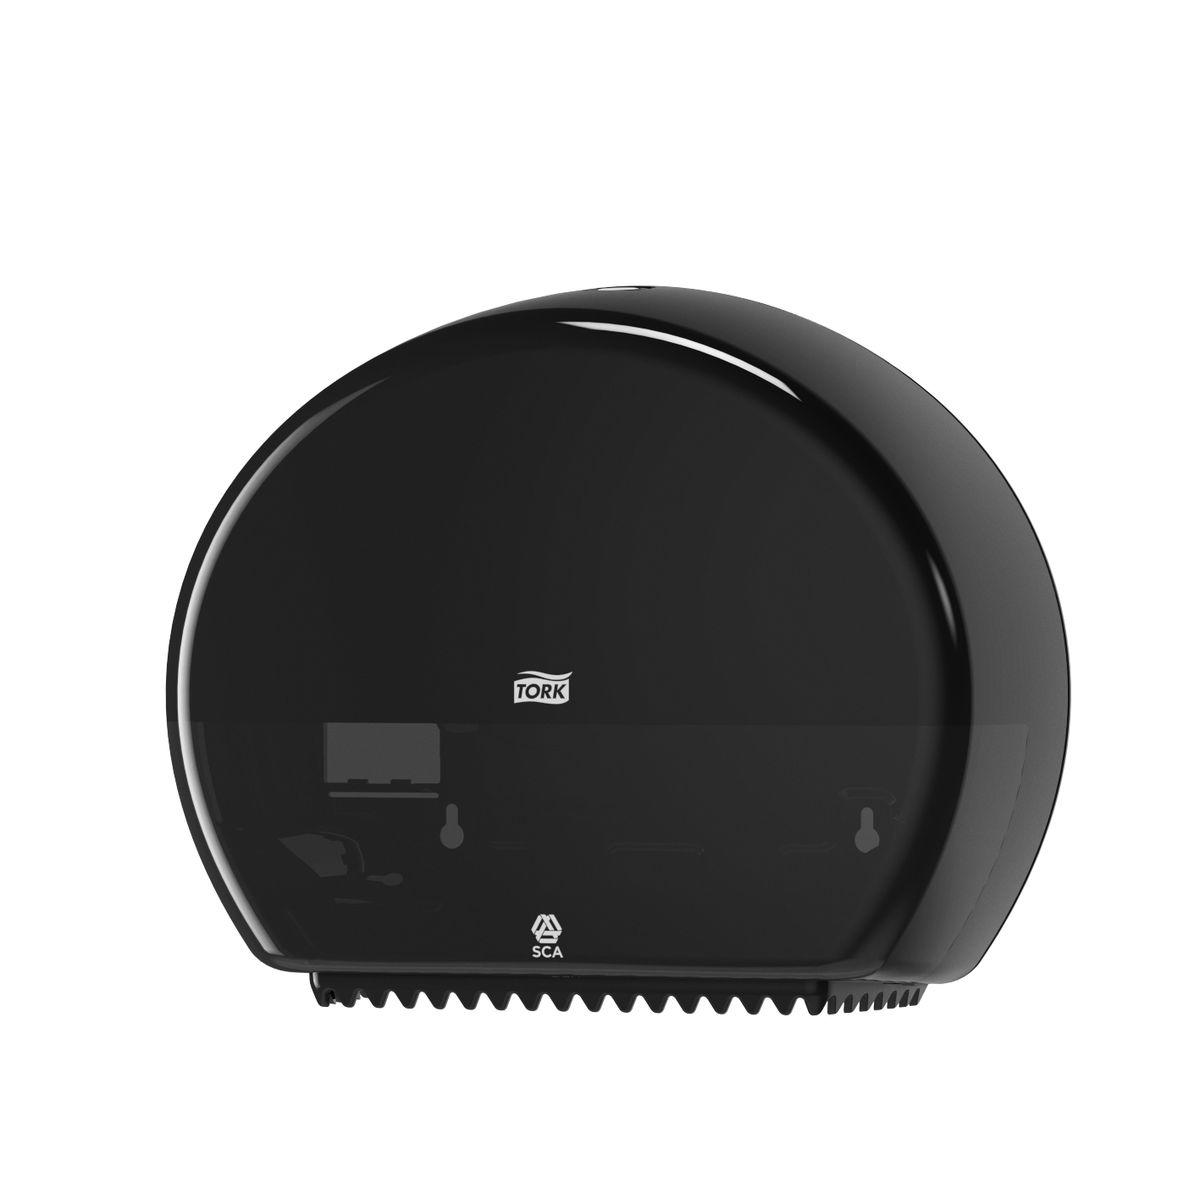 Диспенсер для туалетной бумаги Tork, цвет: черный. 555008555008Система T2 - для туалетной бумаги в мини рулонахДержатель изготовлен из ударопрочного пластика белого цвета.Функция Stub Roll позволяет сэкономить до 35 м бумаги.Снабжен специальными зубчиками, которые подходят для отрыва полотна как с перфорацией, так и без нее.Открывается двумя альтернативными способами: ключом и кнопкой.Вмещает рулон длиной до 200 метров.